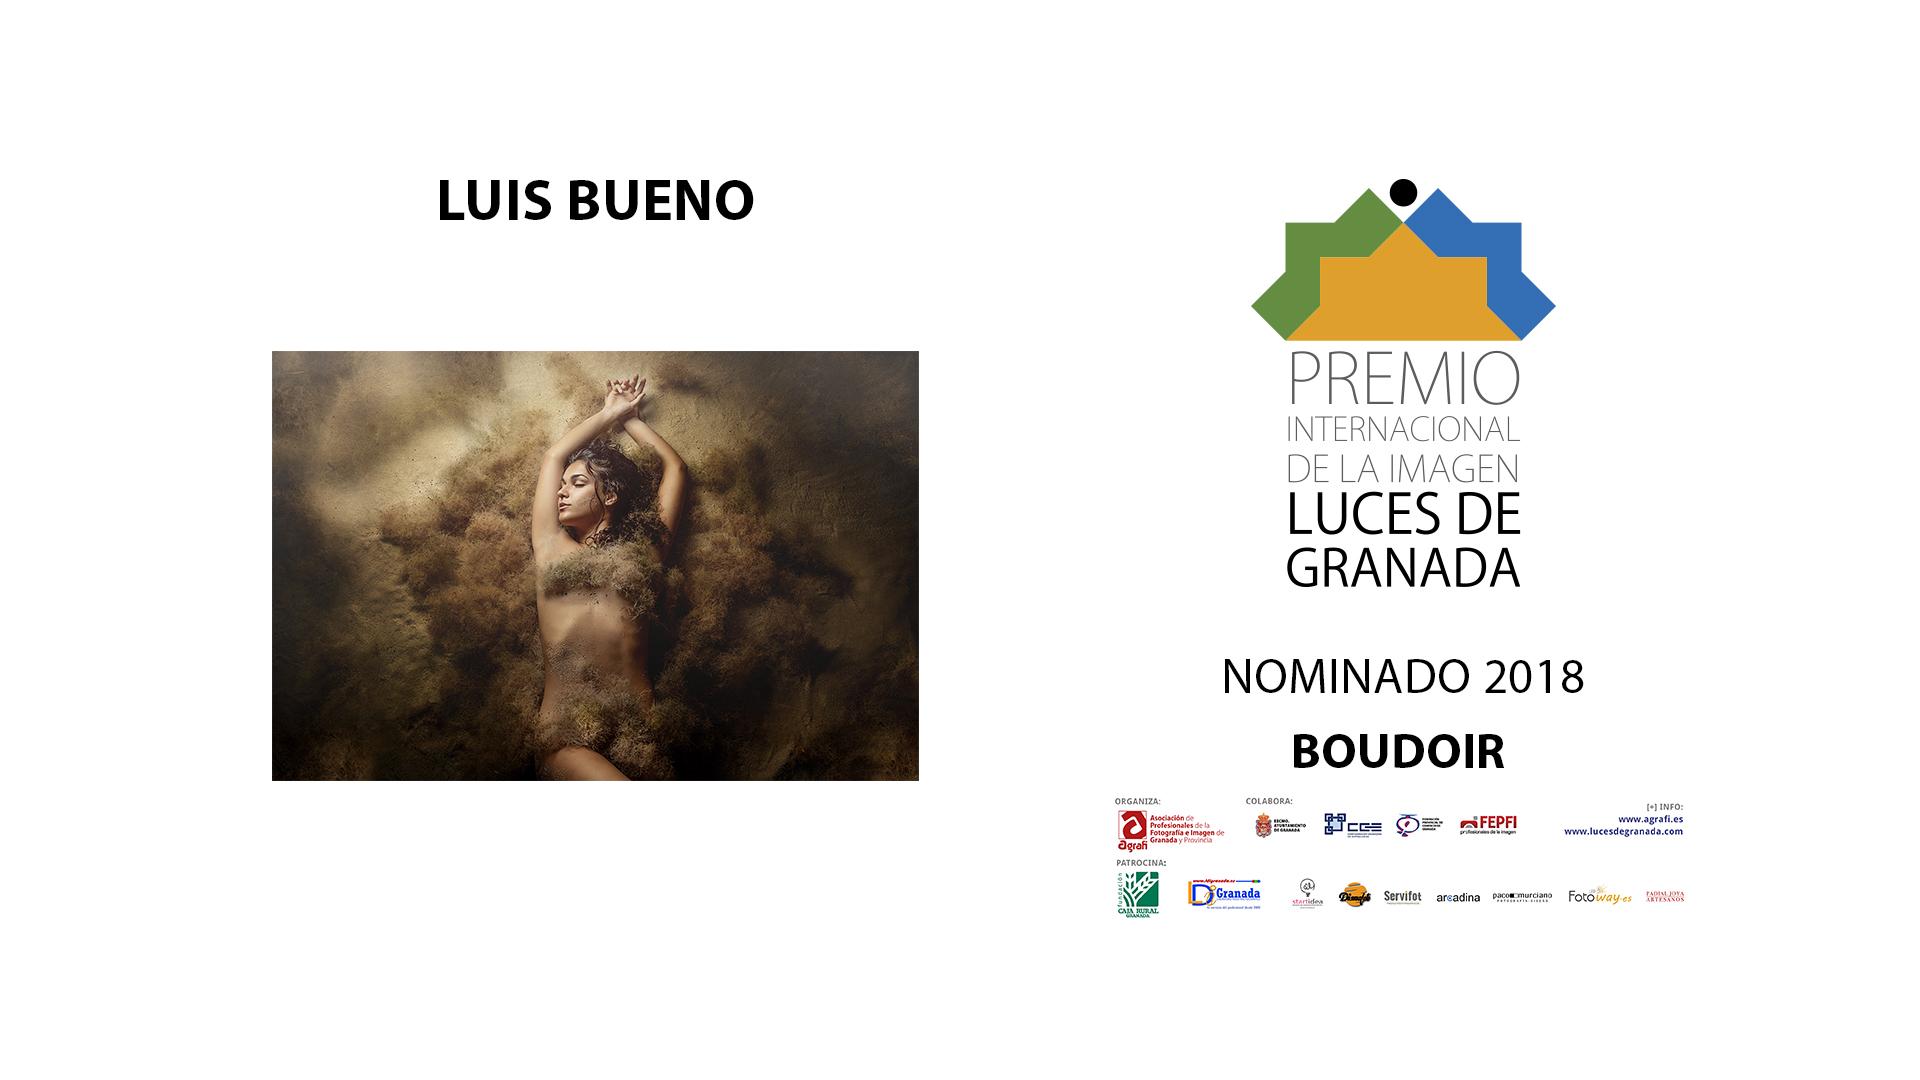 BD_LUIS_BUENO